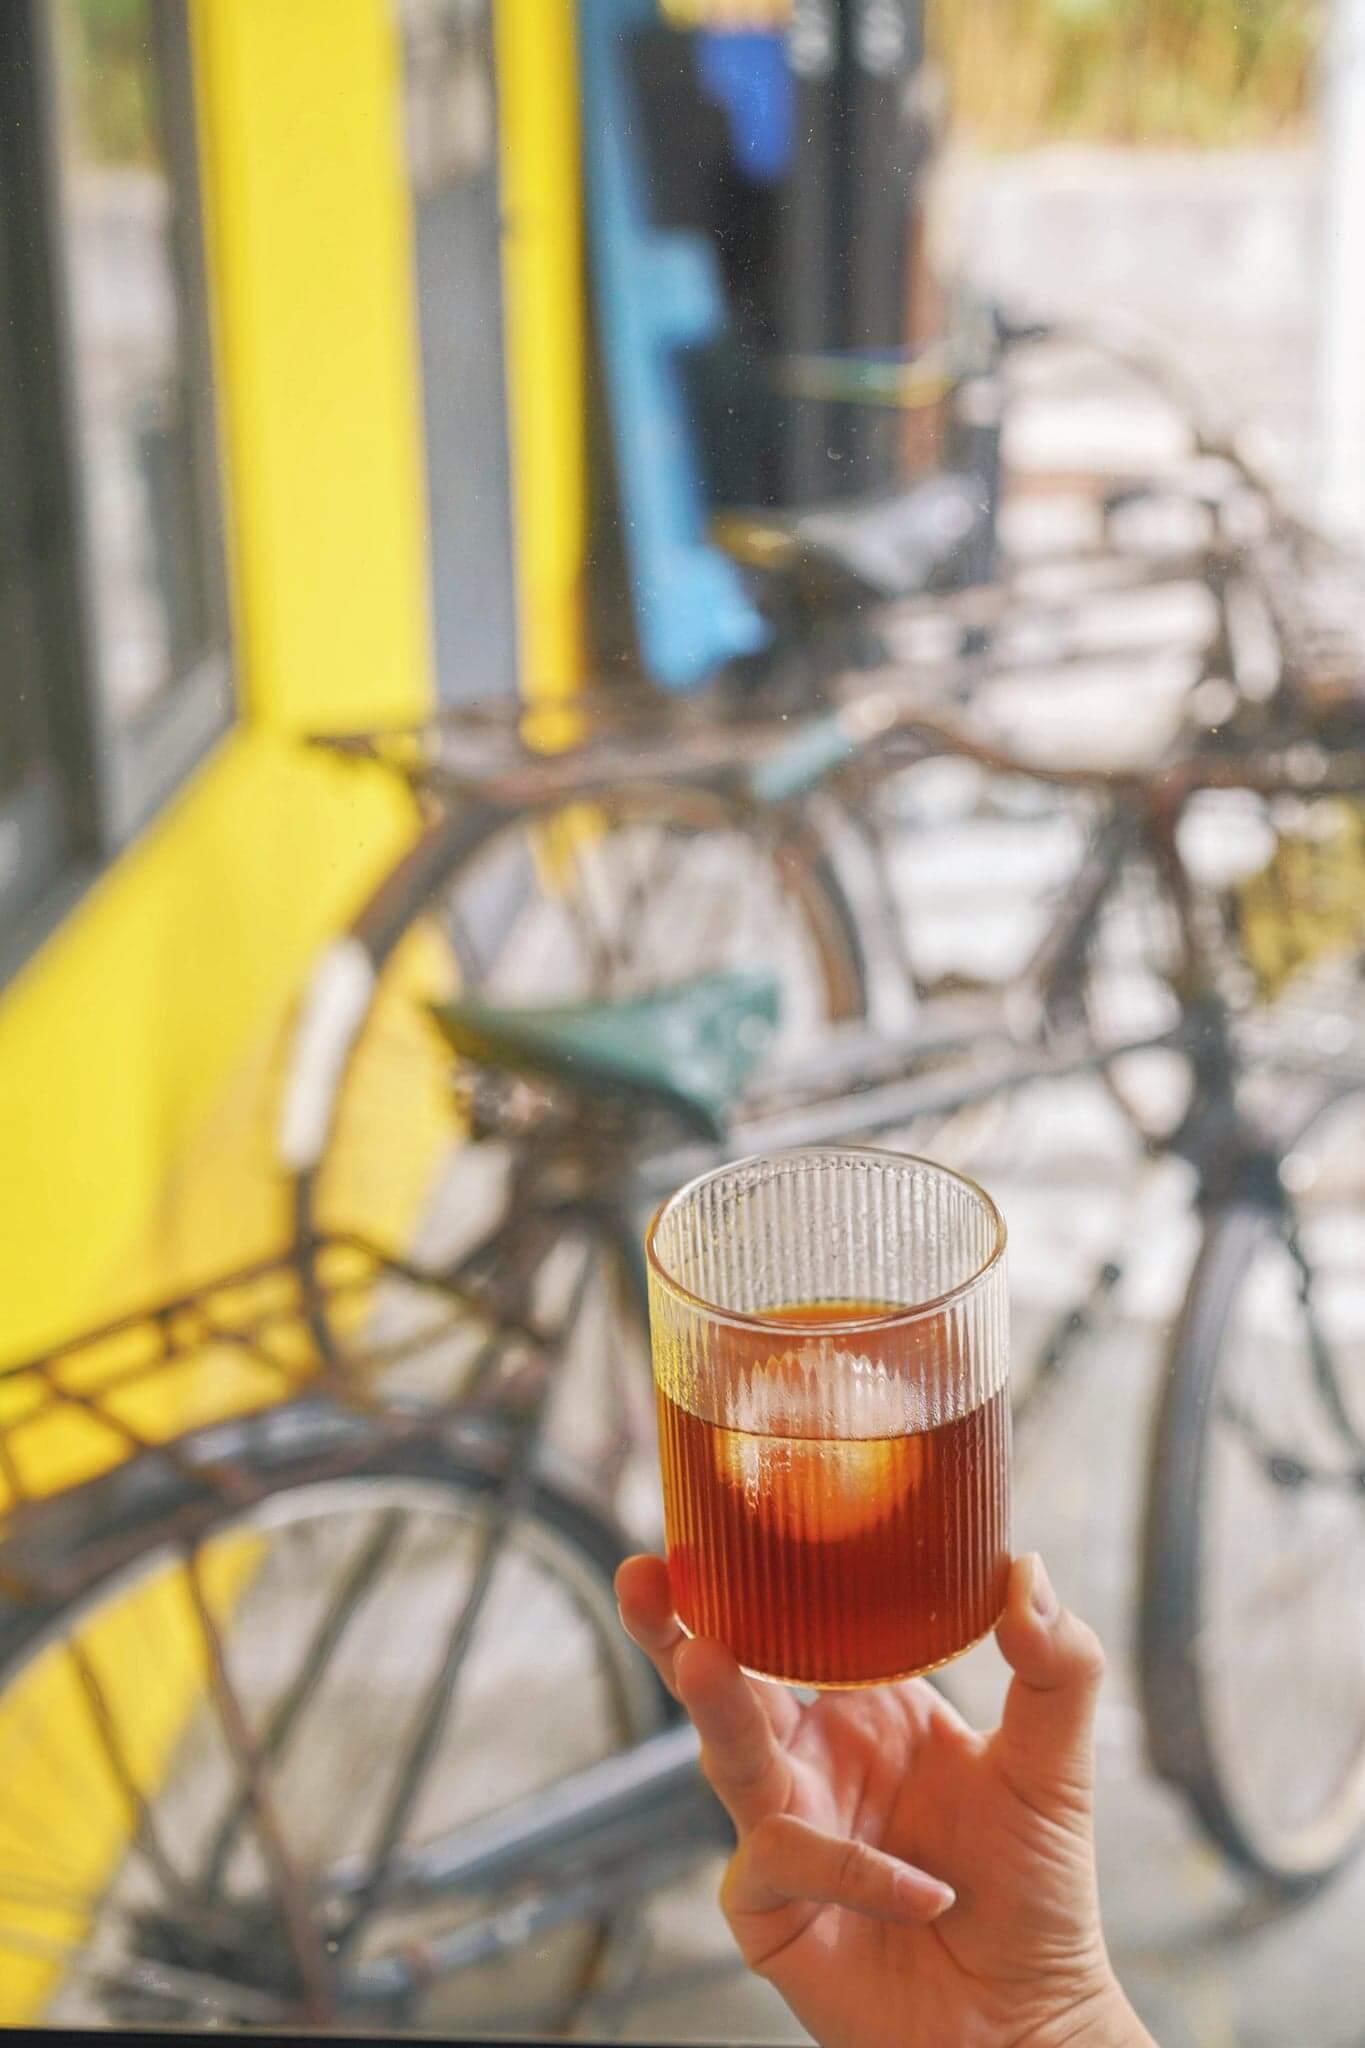 免去了複雜的調配,Hand Drip可以真正讓人品嘗咖啡原味道。